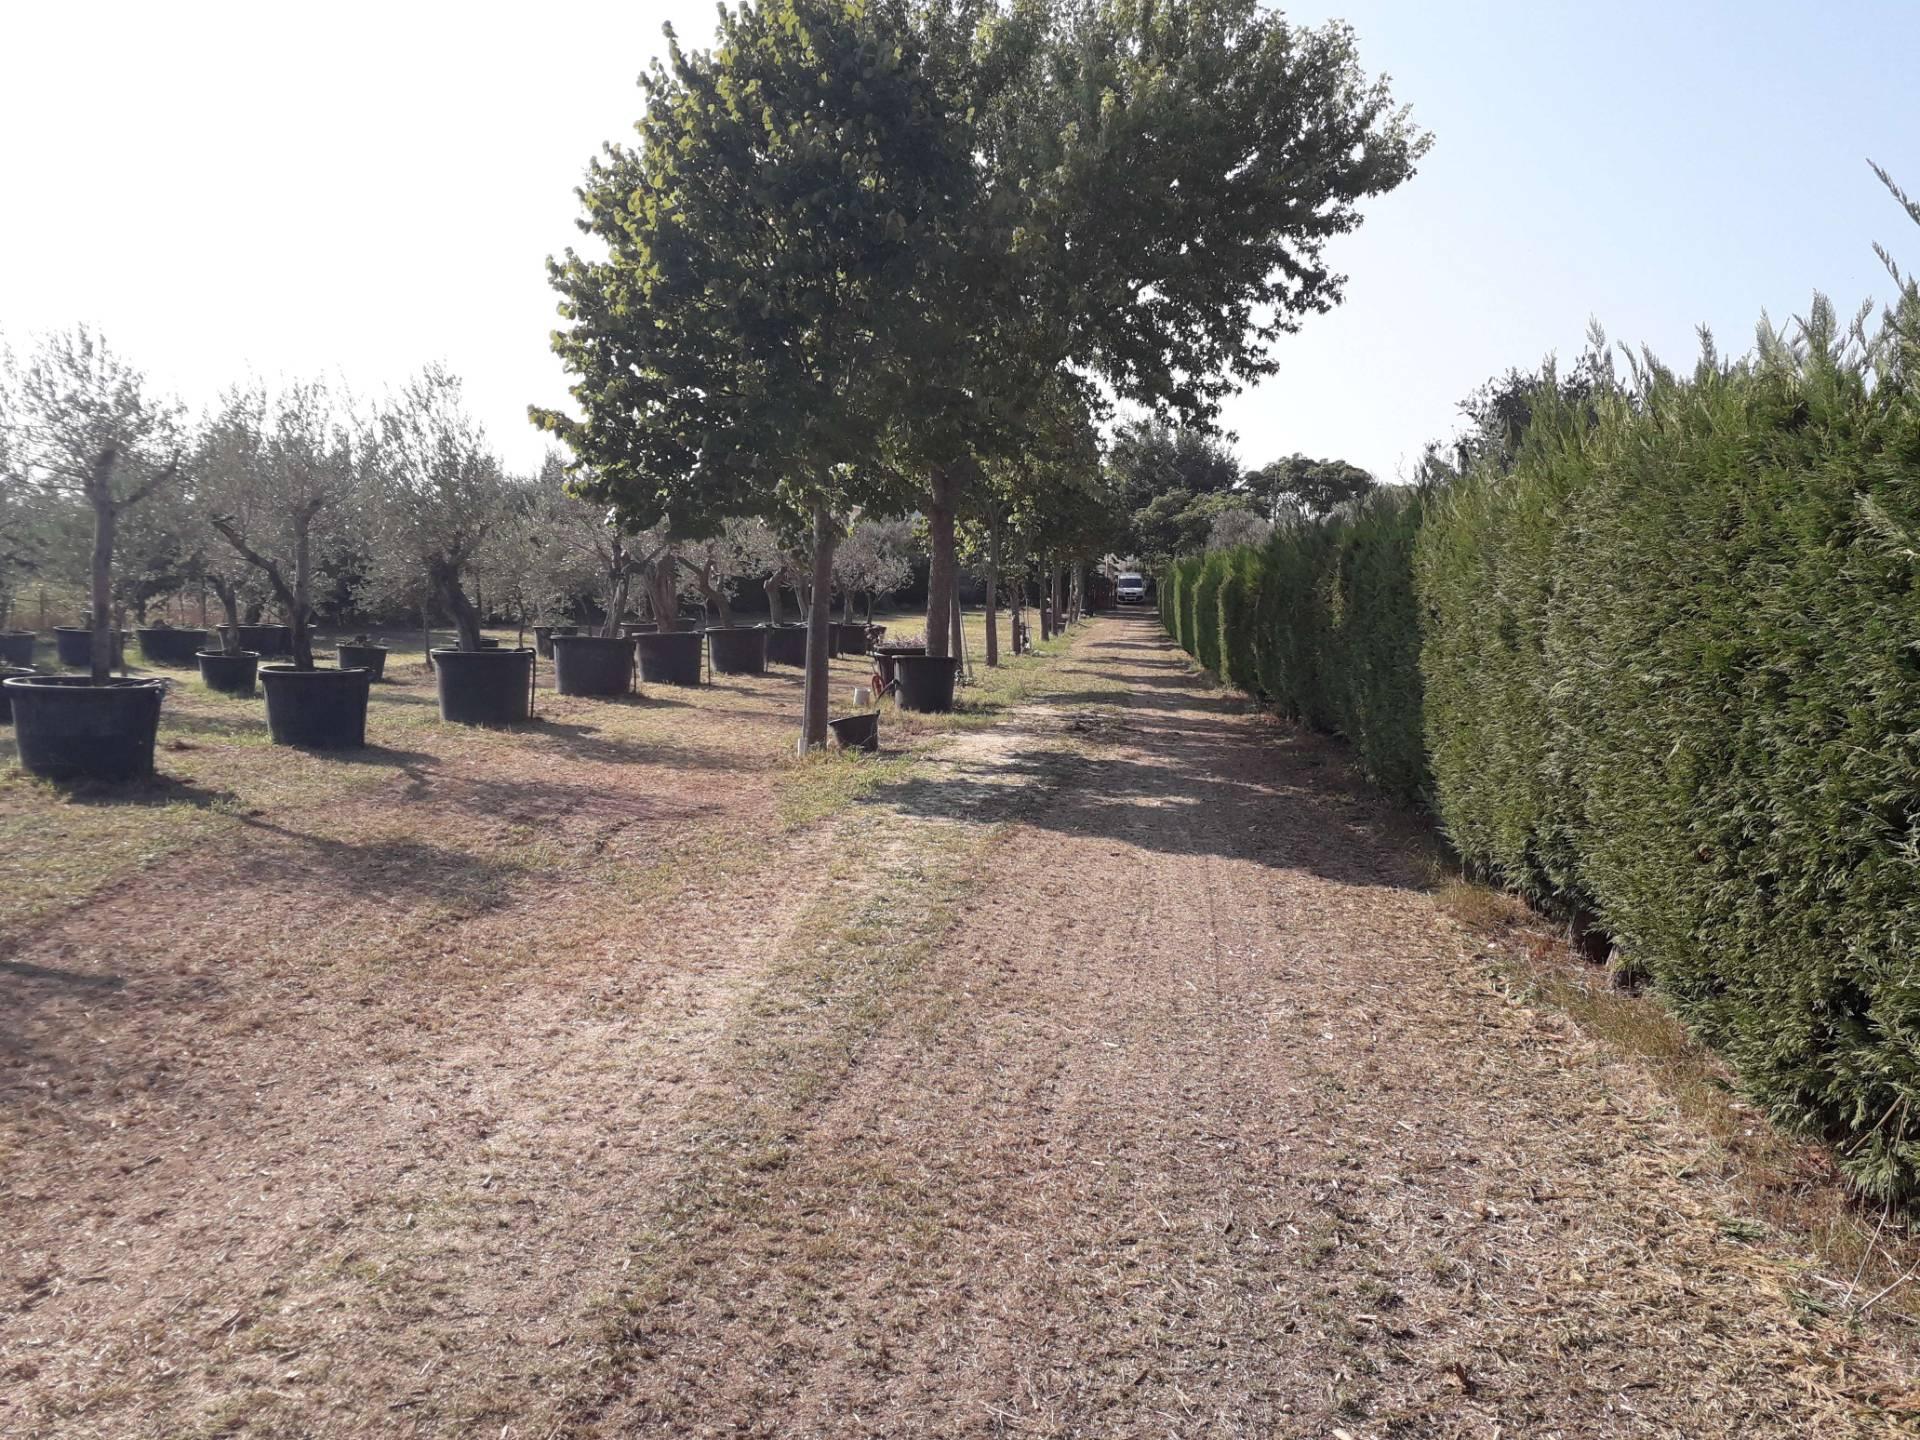 Terreno Agricolo in vendita a Cepagatti, 9999 locali, prezzo € 100.000 | CambioCasa.it